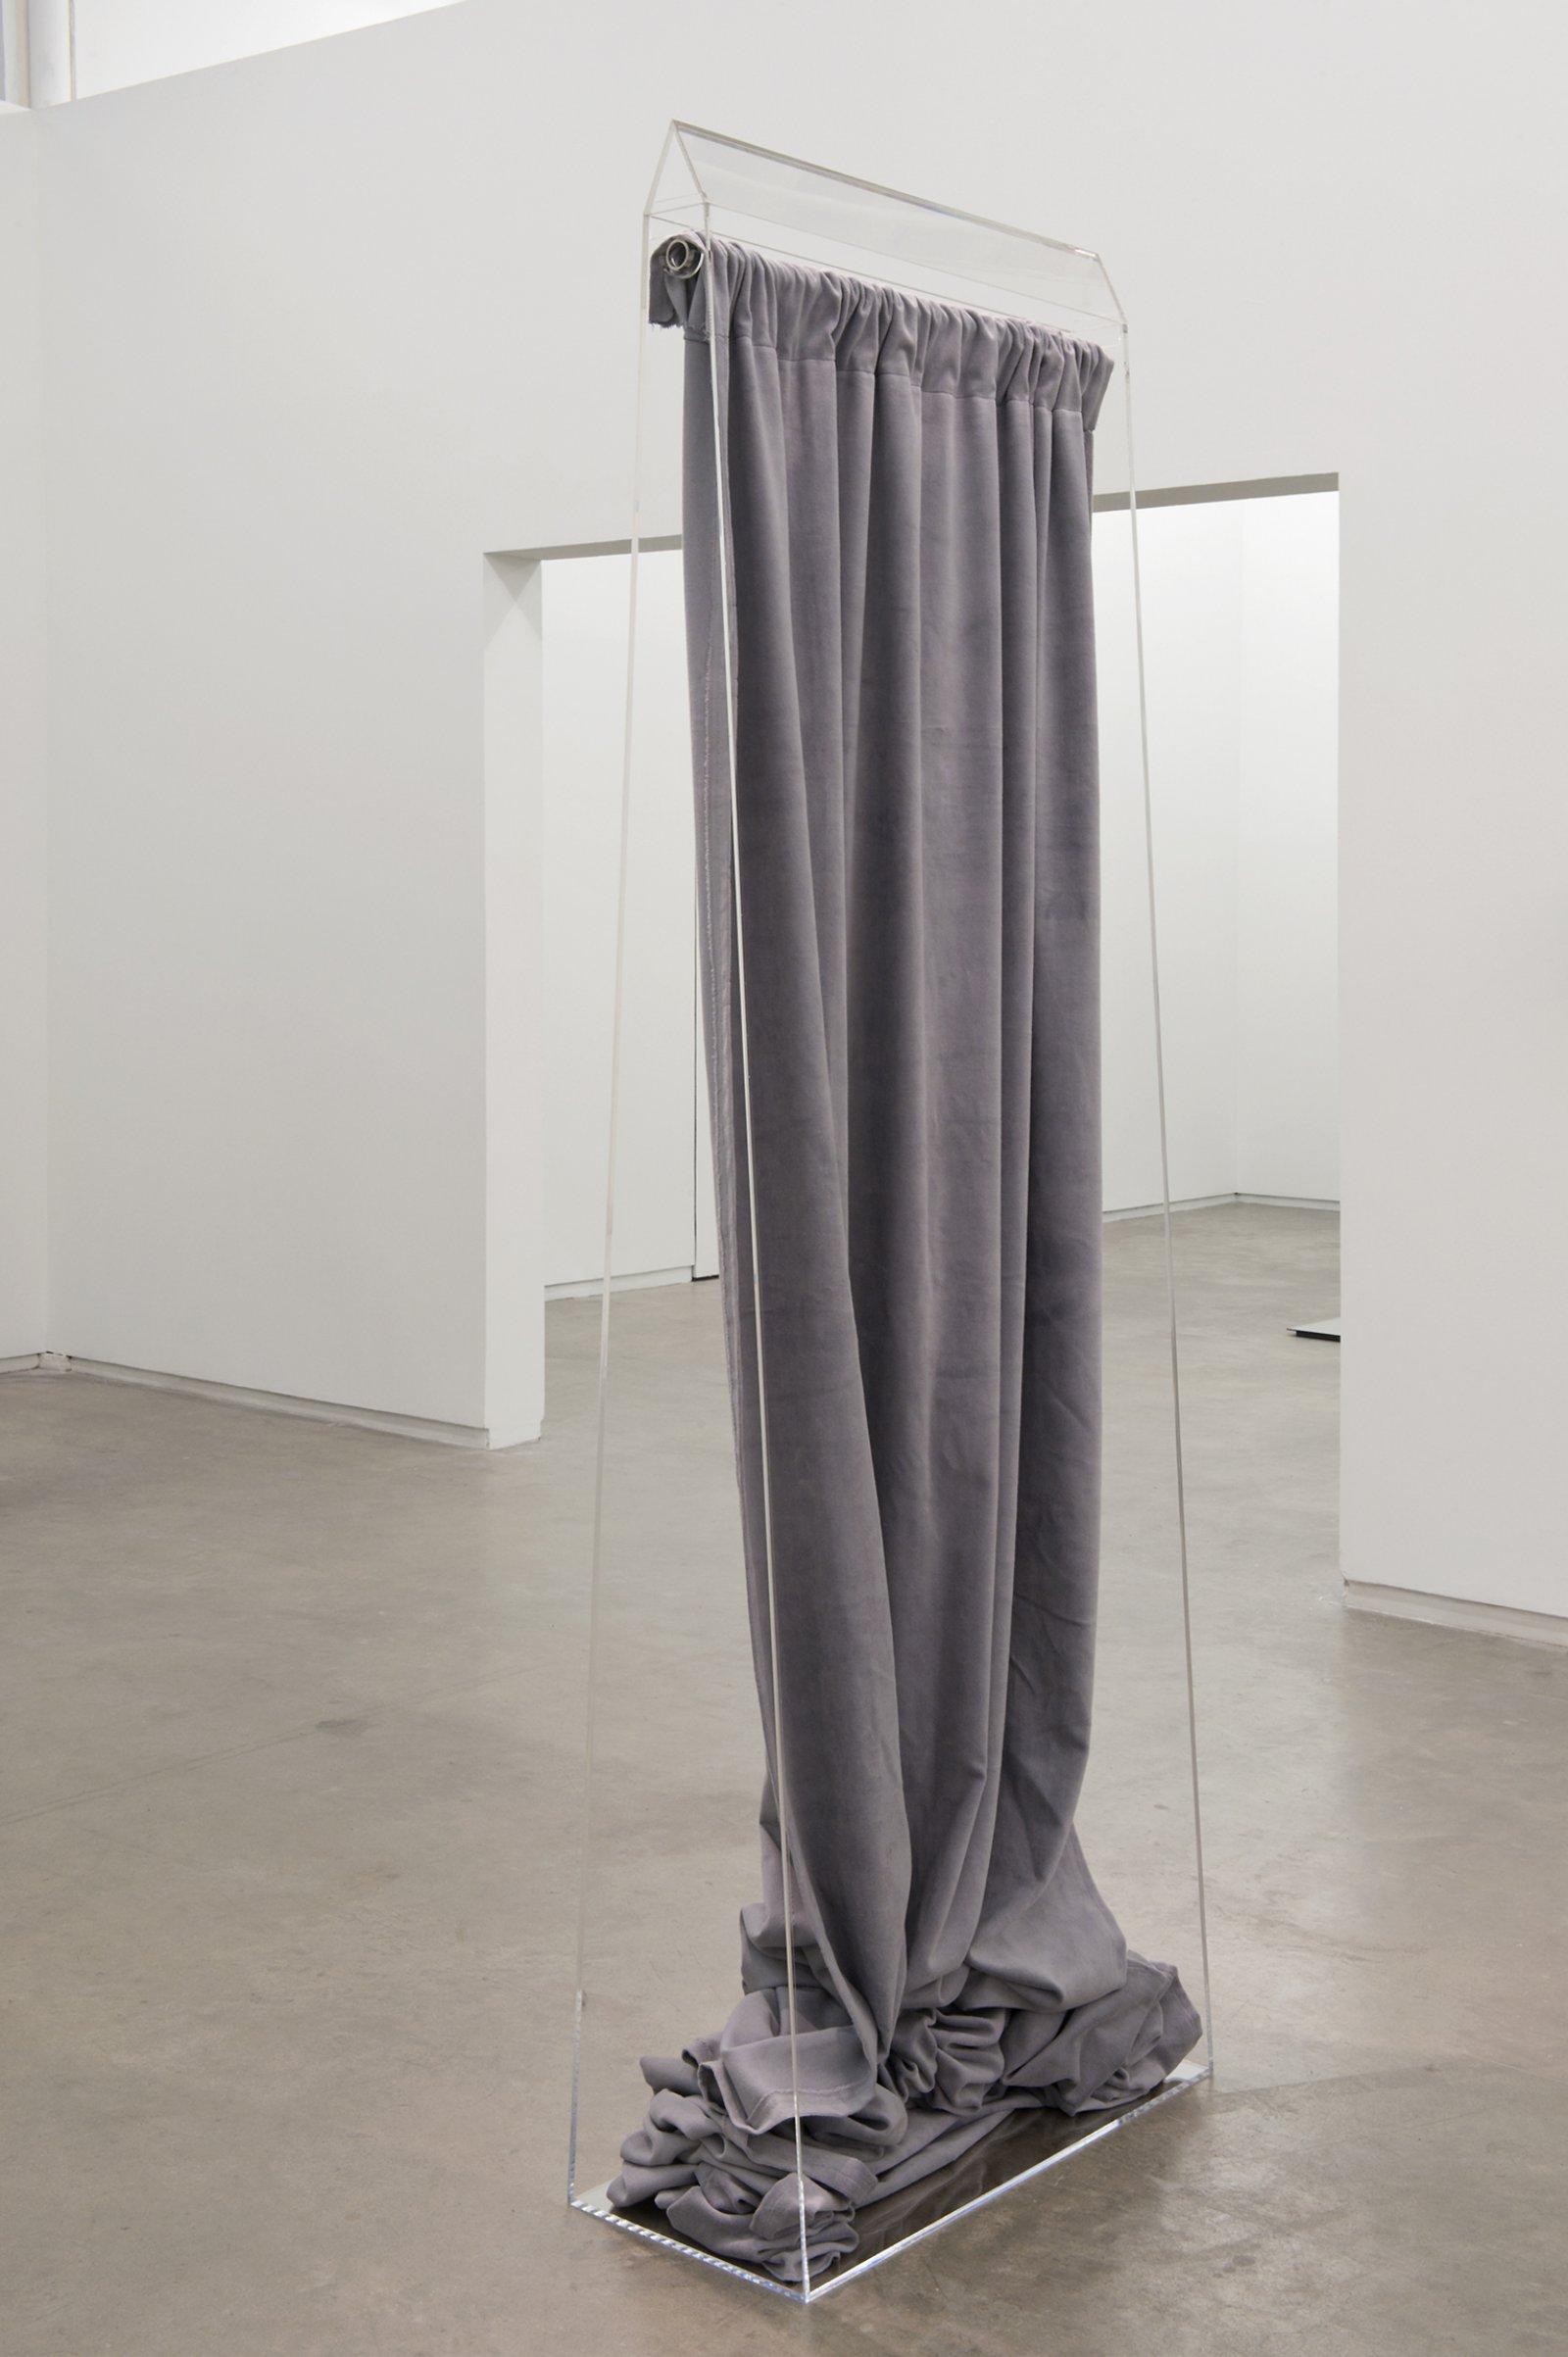 Judy Radul, Silver Screen, 2012, plexiglass, 16 foot theatrical curtain, 88 x 30 x 13 in. (224 x 76 x 33 cm) by Judy Radul